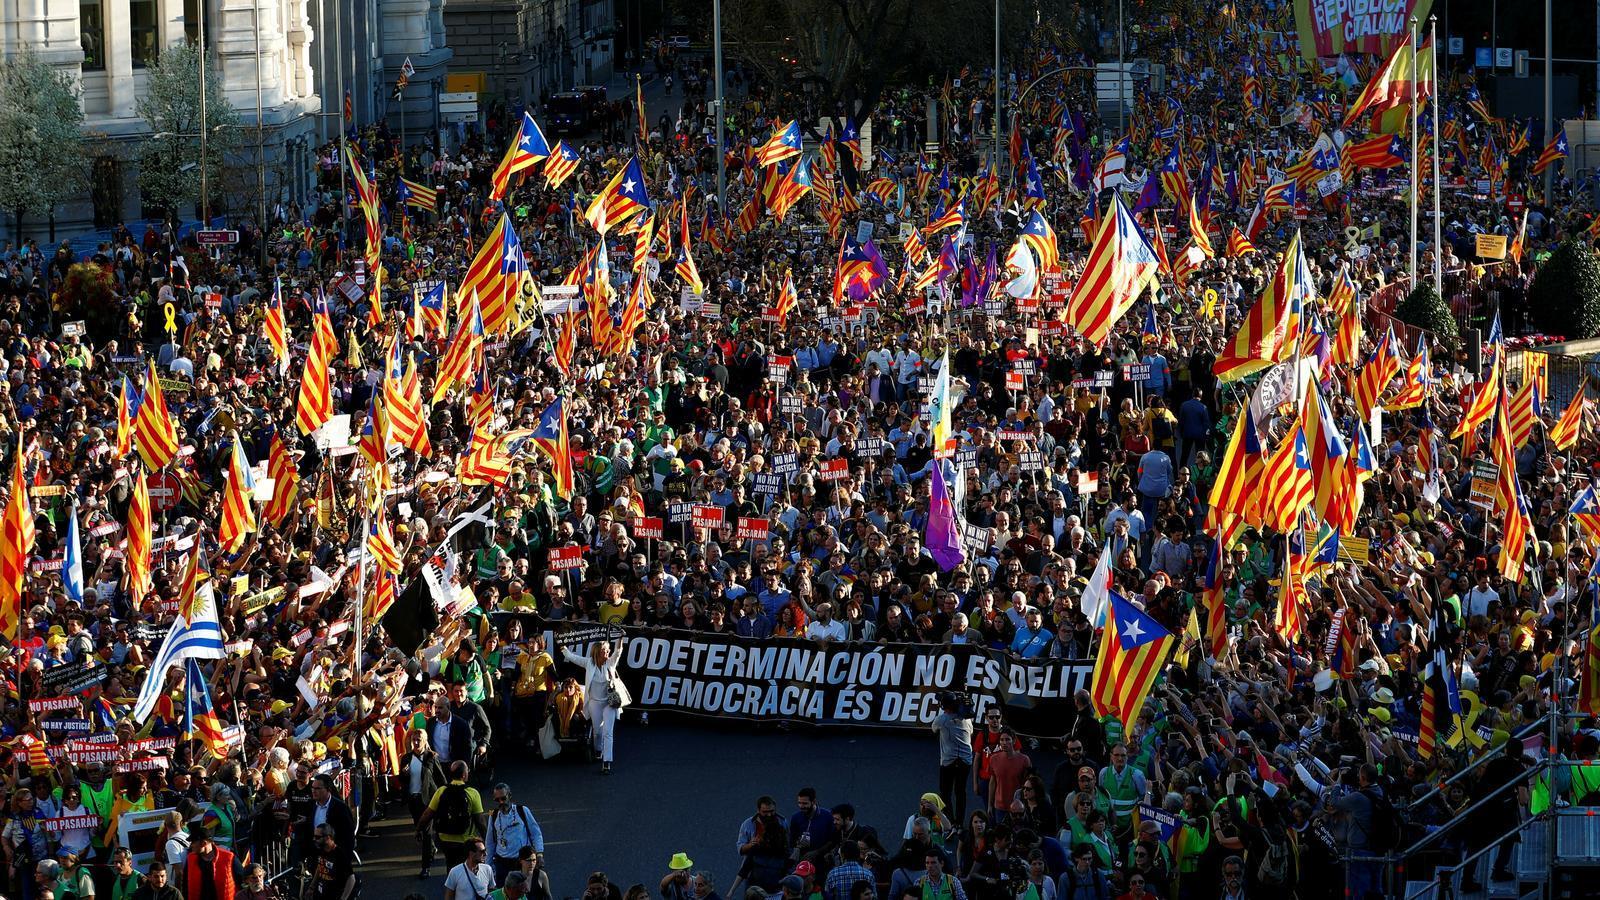 Un moment de la manifestació sobiranista a Madrid. JUAN MEDINA / REUTERS